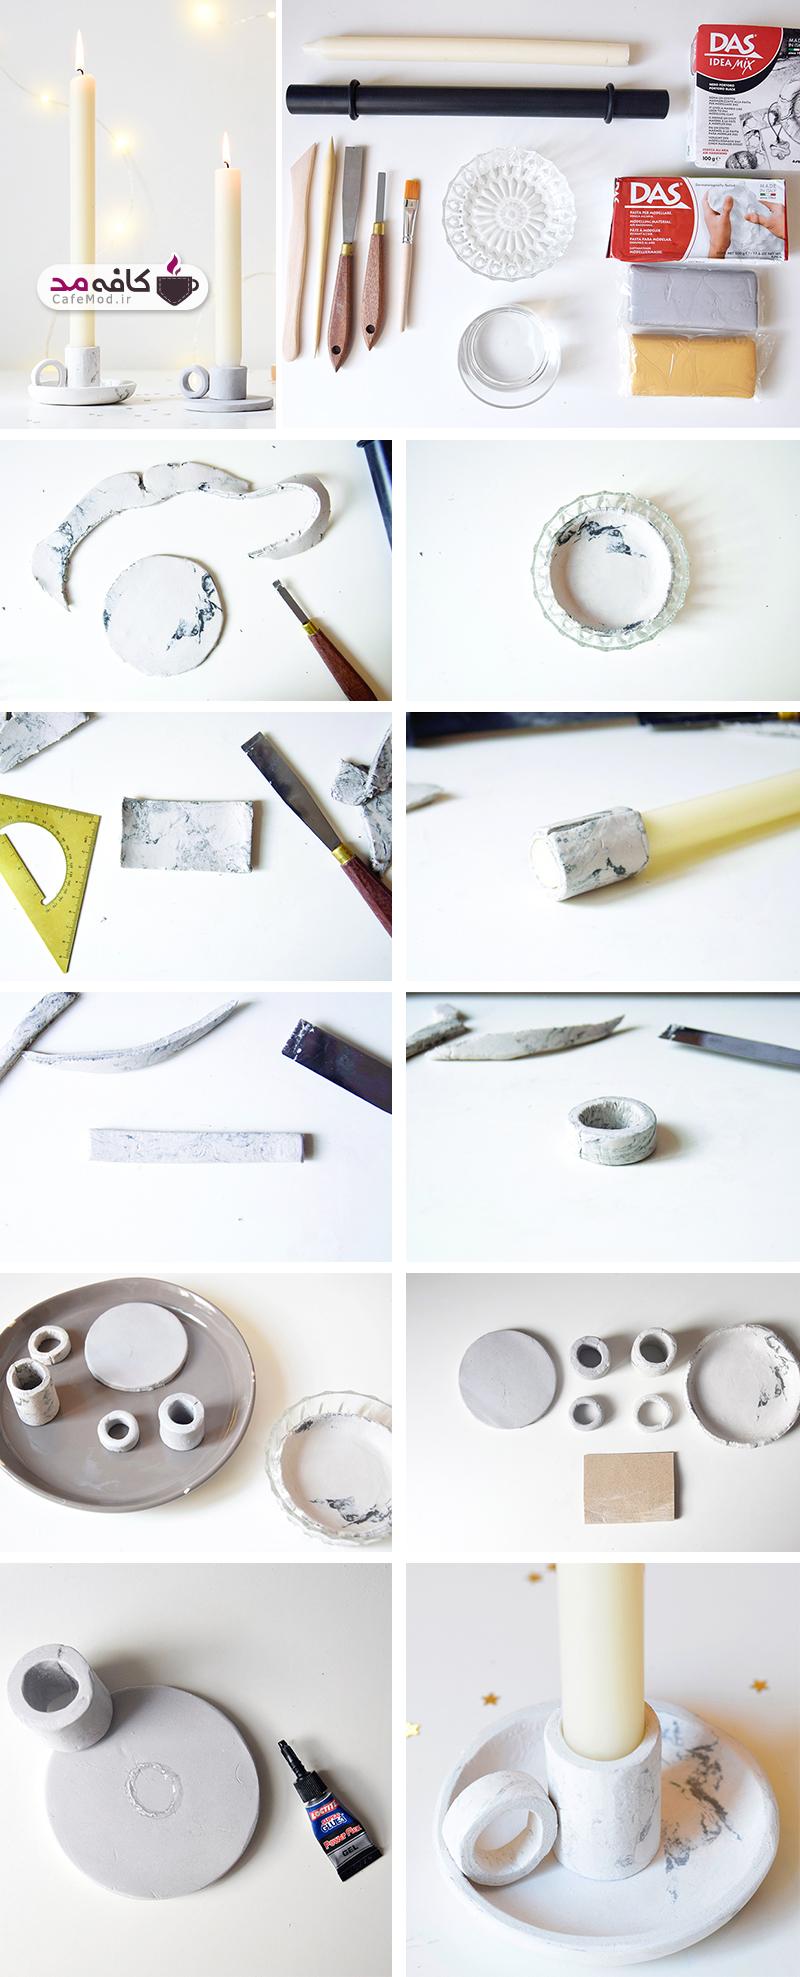 آموزش تصویری ساخت جا شمعی